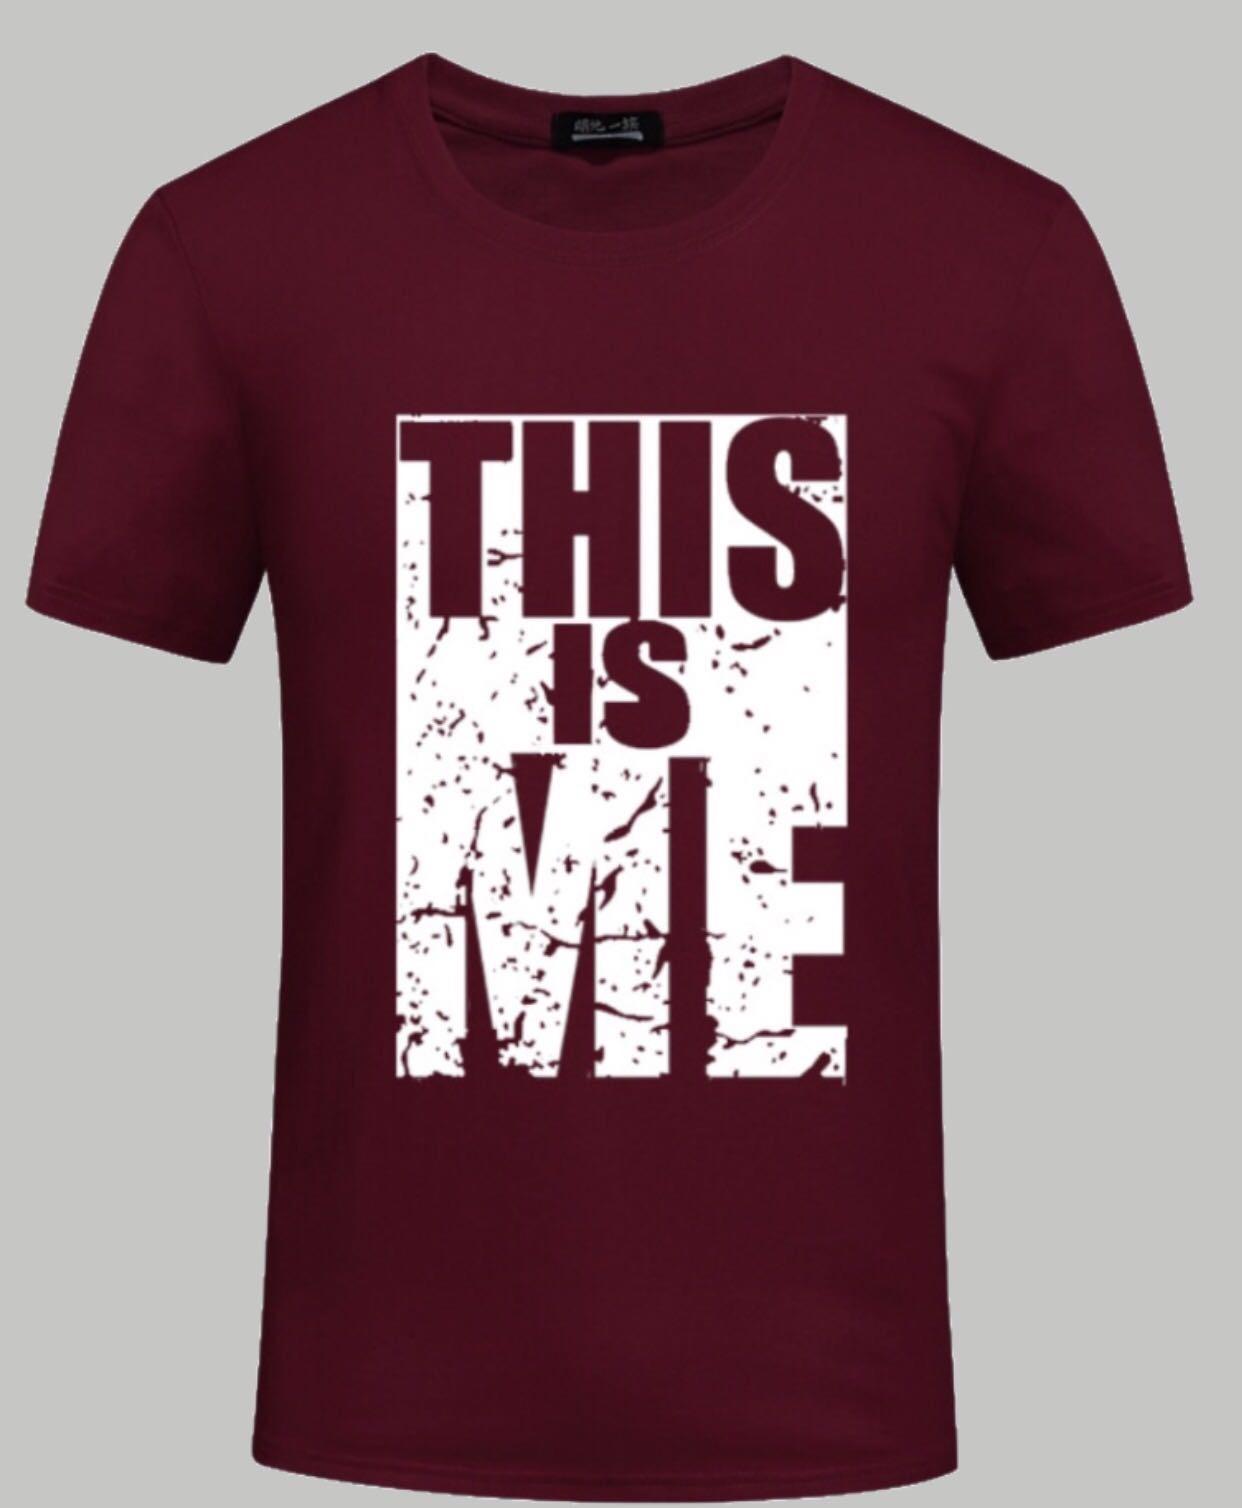 Мужская футболка в Владивостоке 89147912944 купить 1